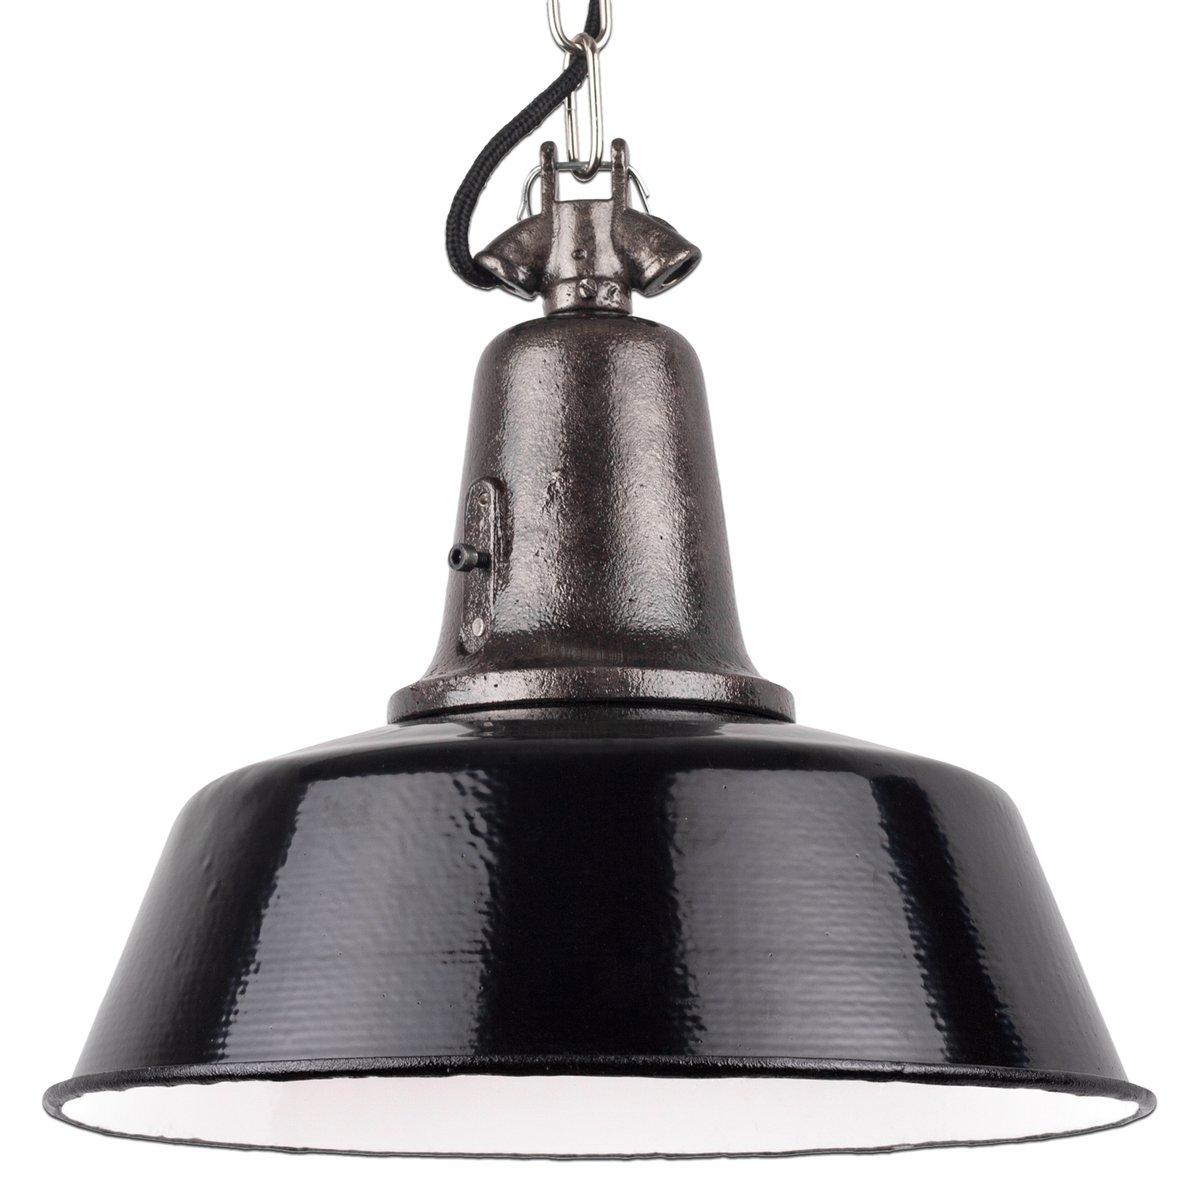 lampe suspension vintage industriel en fonte noir en. Black Bedroom Furniture Sets. Home Design Ideas